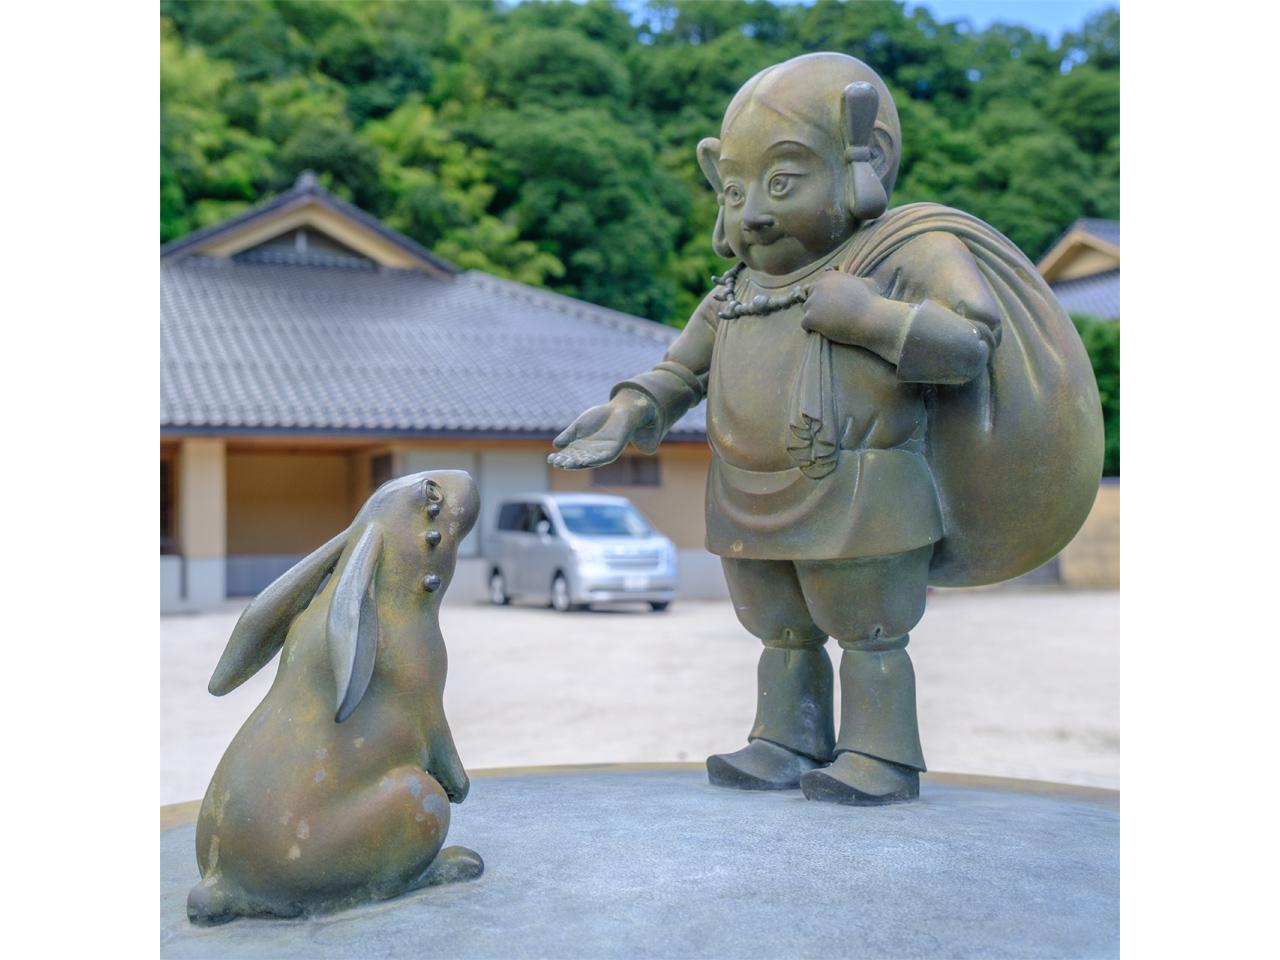 画像: 玉造温泉街には出雲神話の有名な場面をモチーフにしたブロンズ像が飾られています。こちらは「因幡の白うさぎ」。